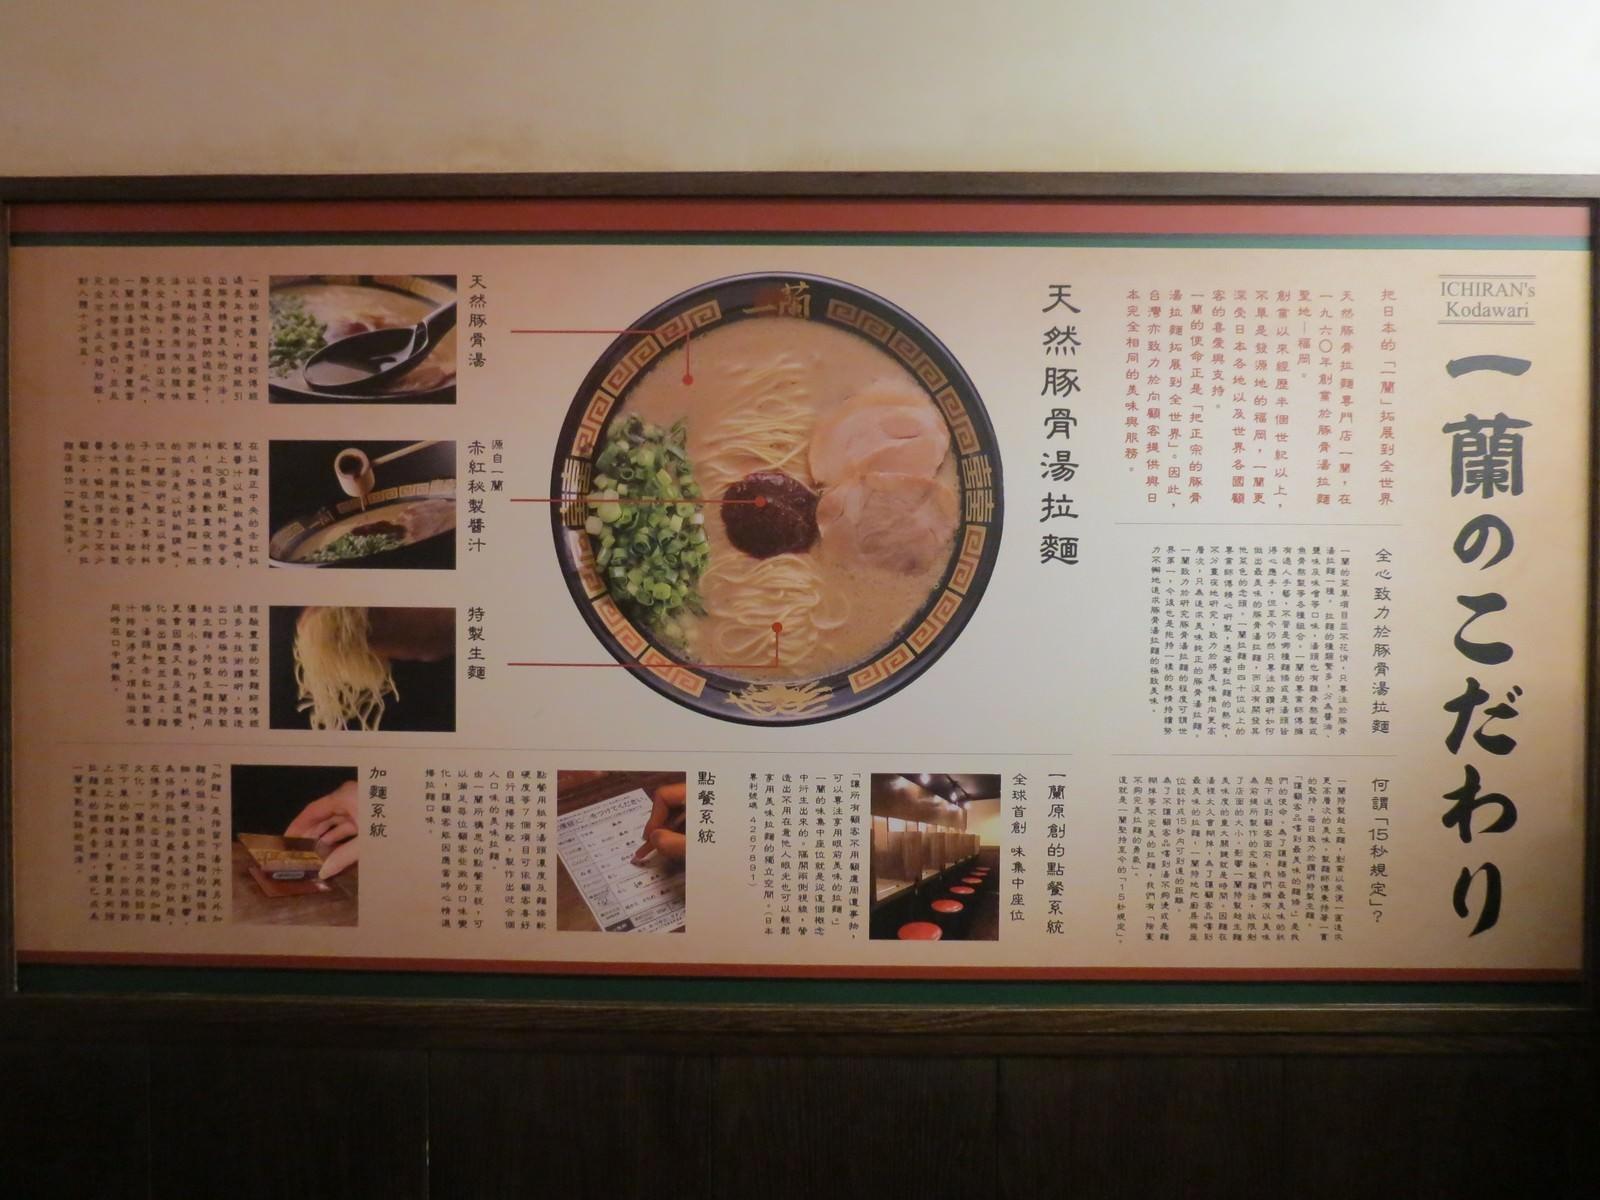 天然豚骨拉麵專門店一蘭@台灣台北本店別館, 解說牌